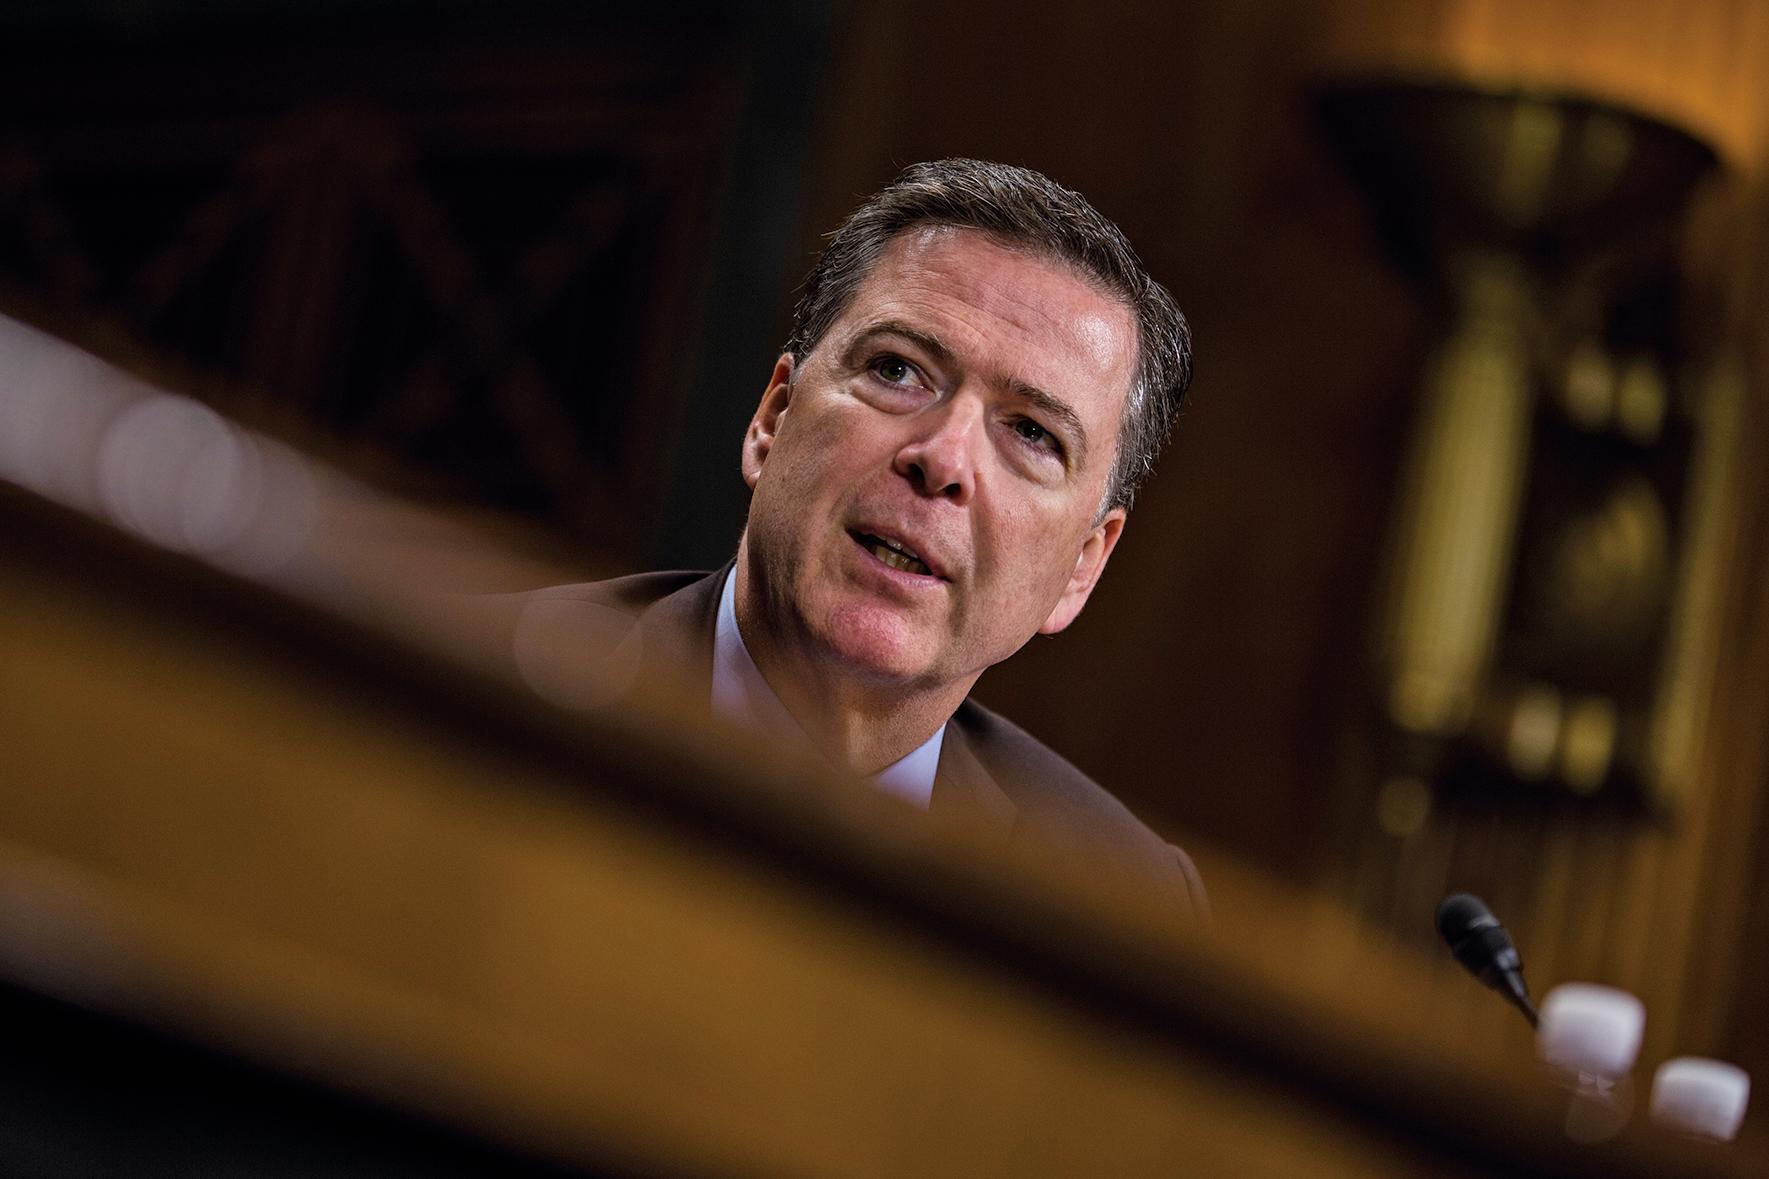 白宮捍衛特朗普總統解僱聯邦調查局局長科米的決定,說科米向司法部扔進一個炸藥包,在處理希拉莉電郵門的過程中犯下暴行。 (Getty Images)